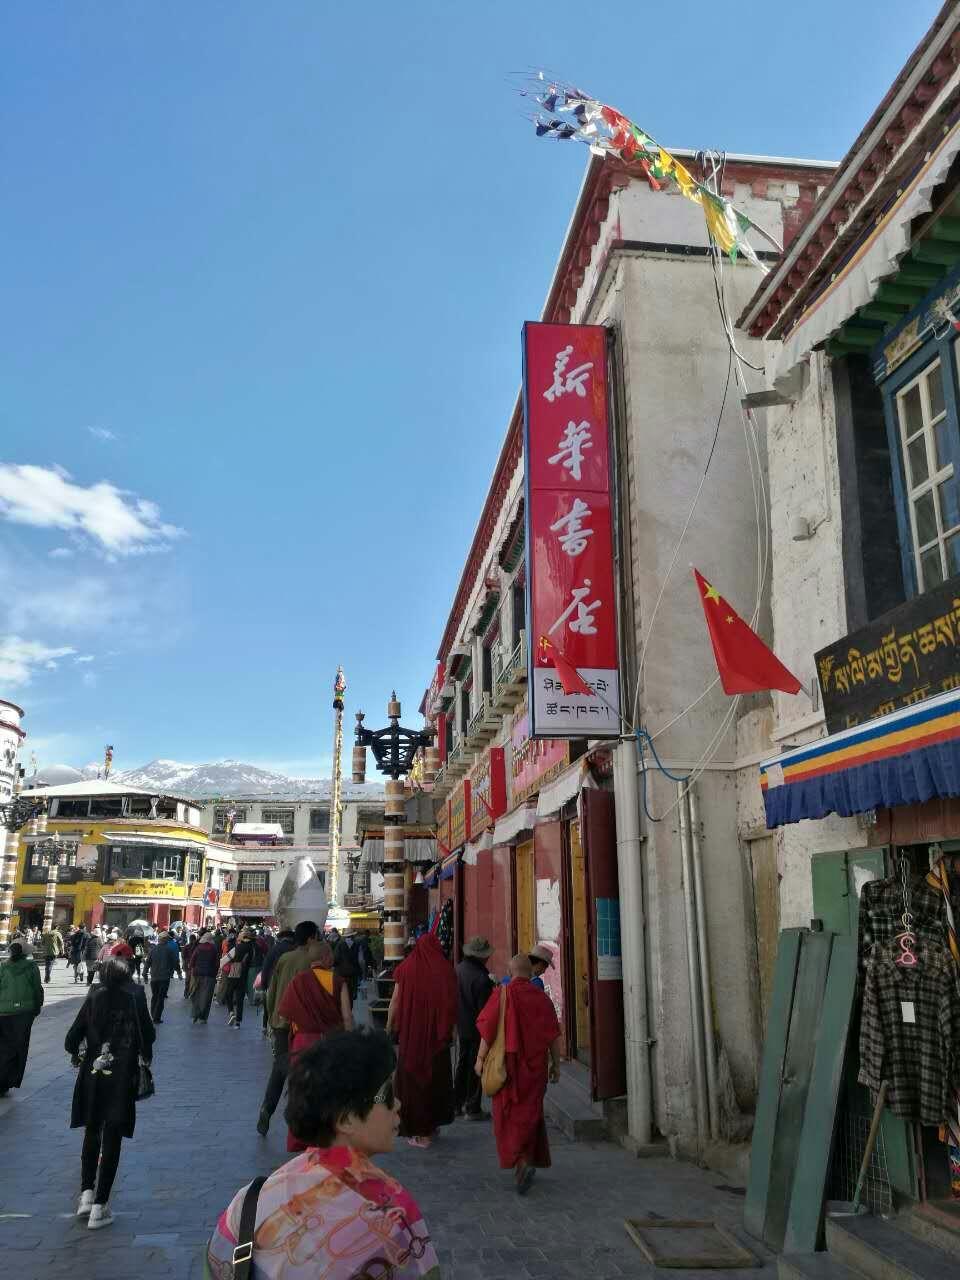 拉萨市八廓街_八廓街位于拉萨市旧城区中心,是拉萨著名的转经道和商业中心,比较